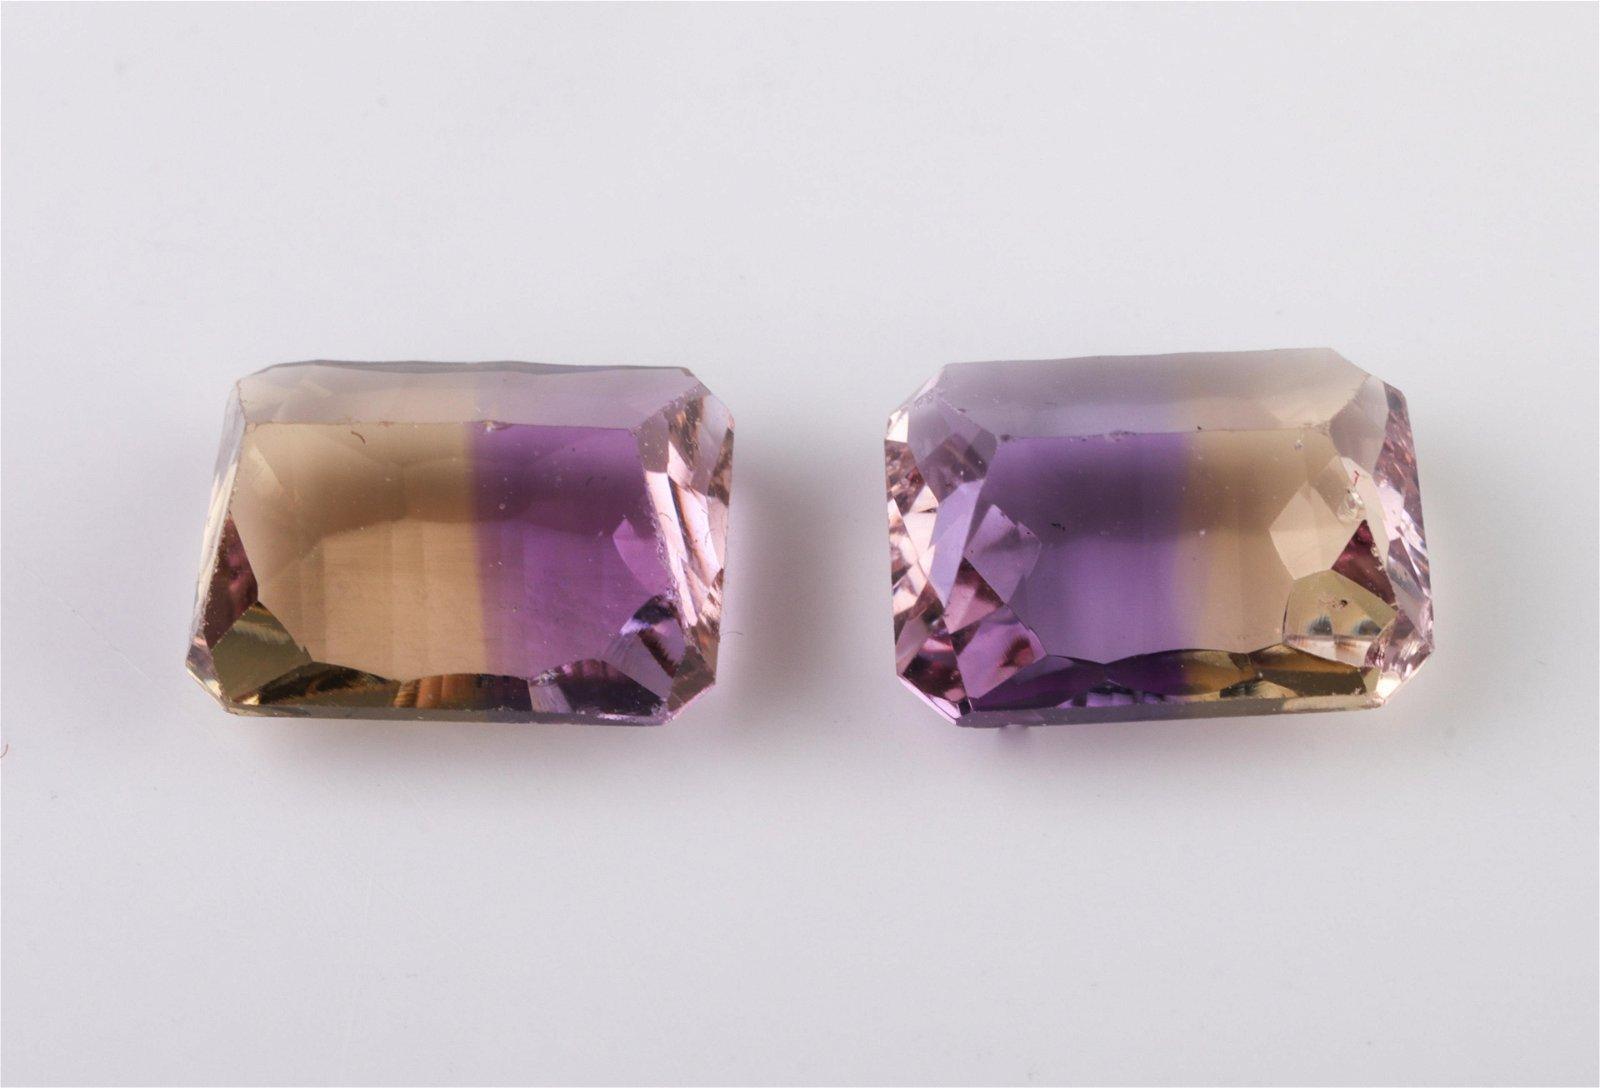 4.5 cttw. Loose Emerald Fancy-Cut Ametrine Stones